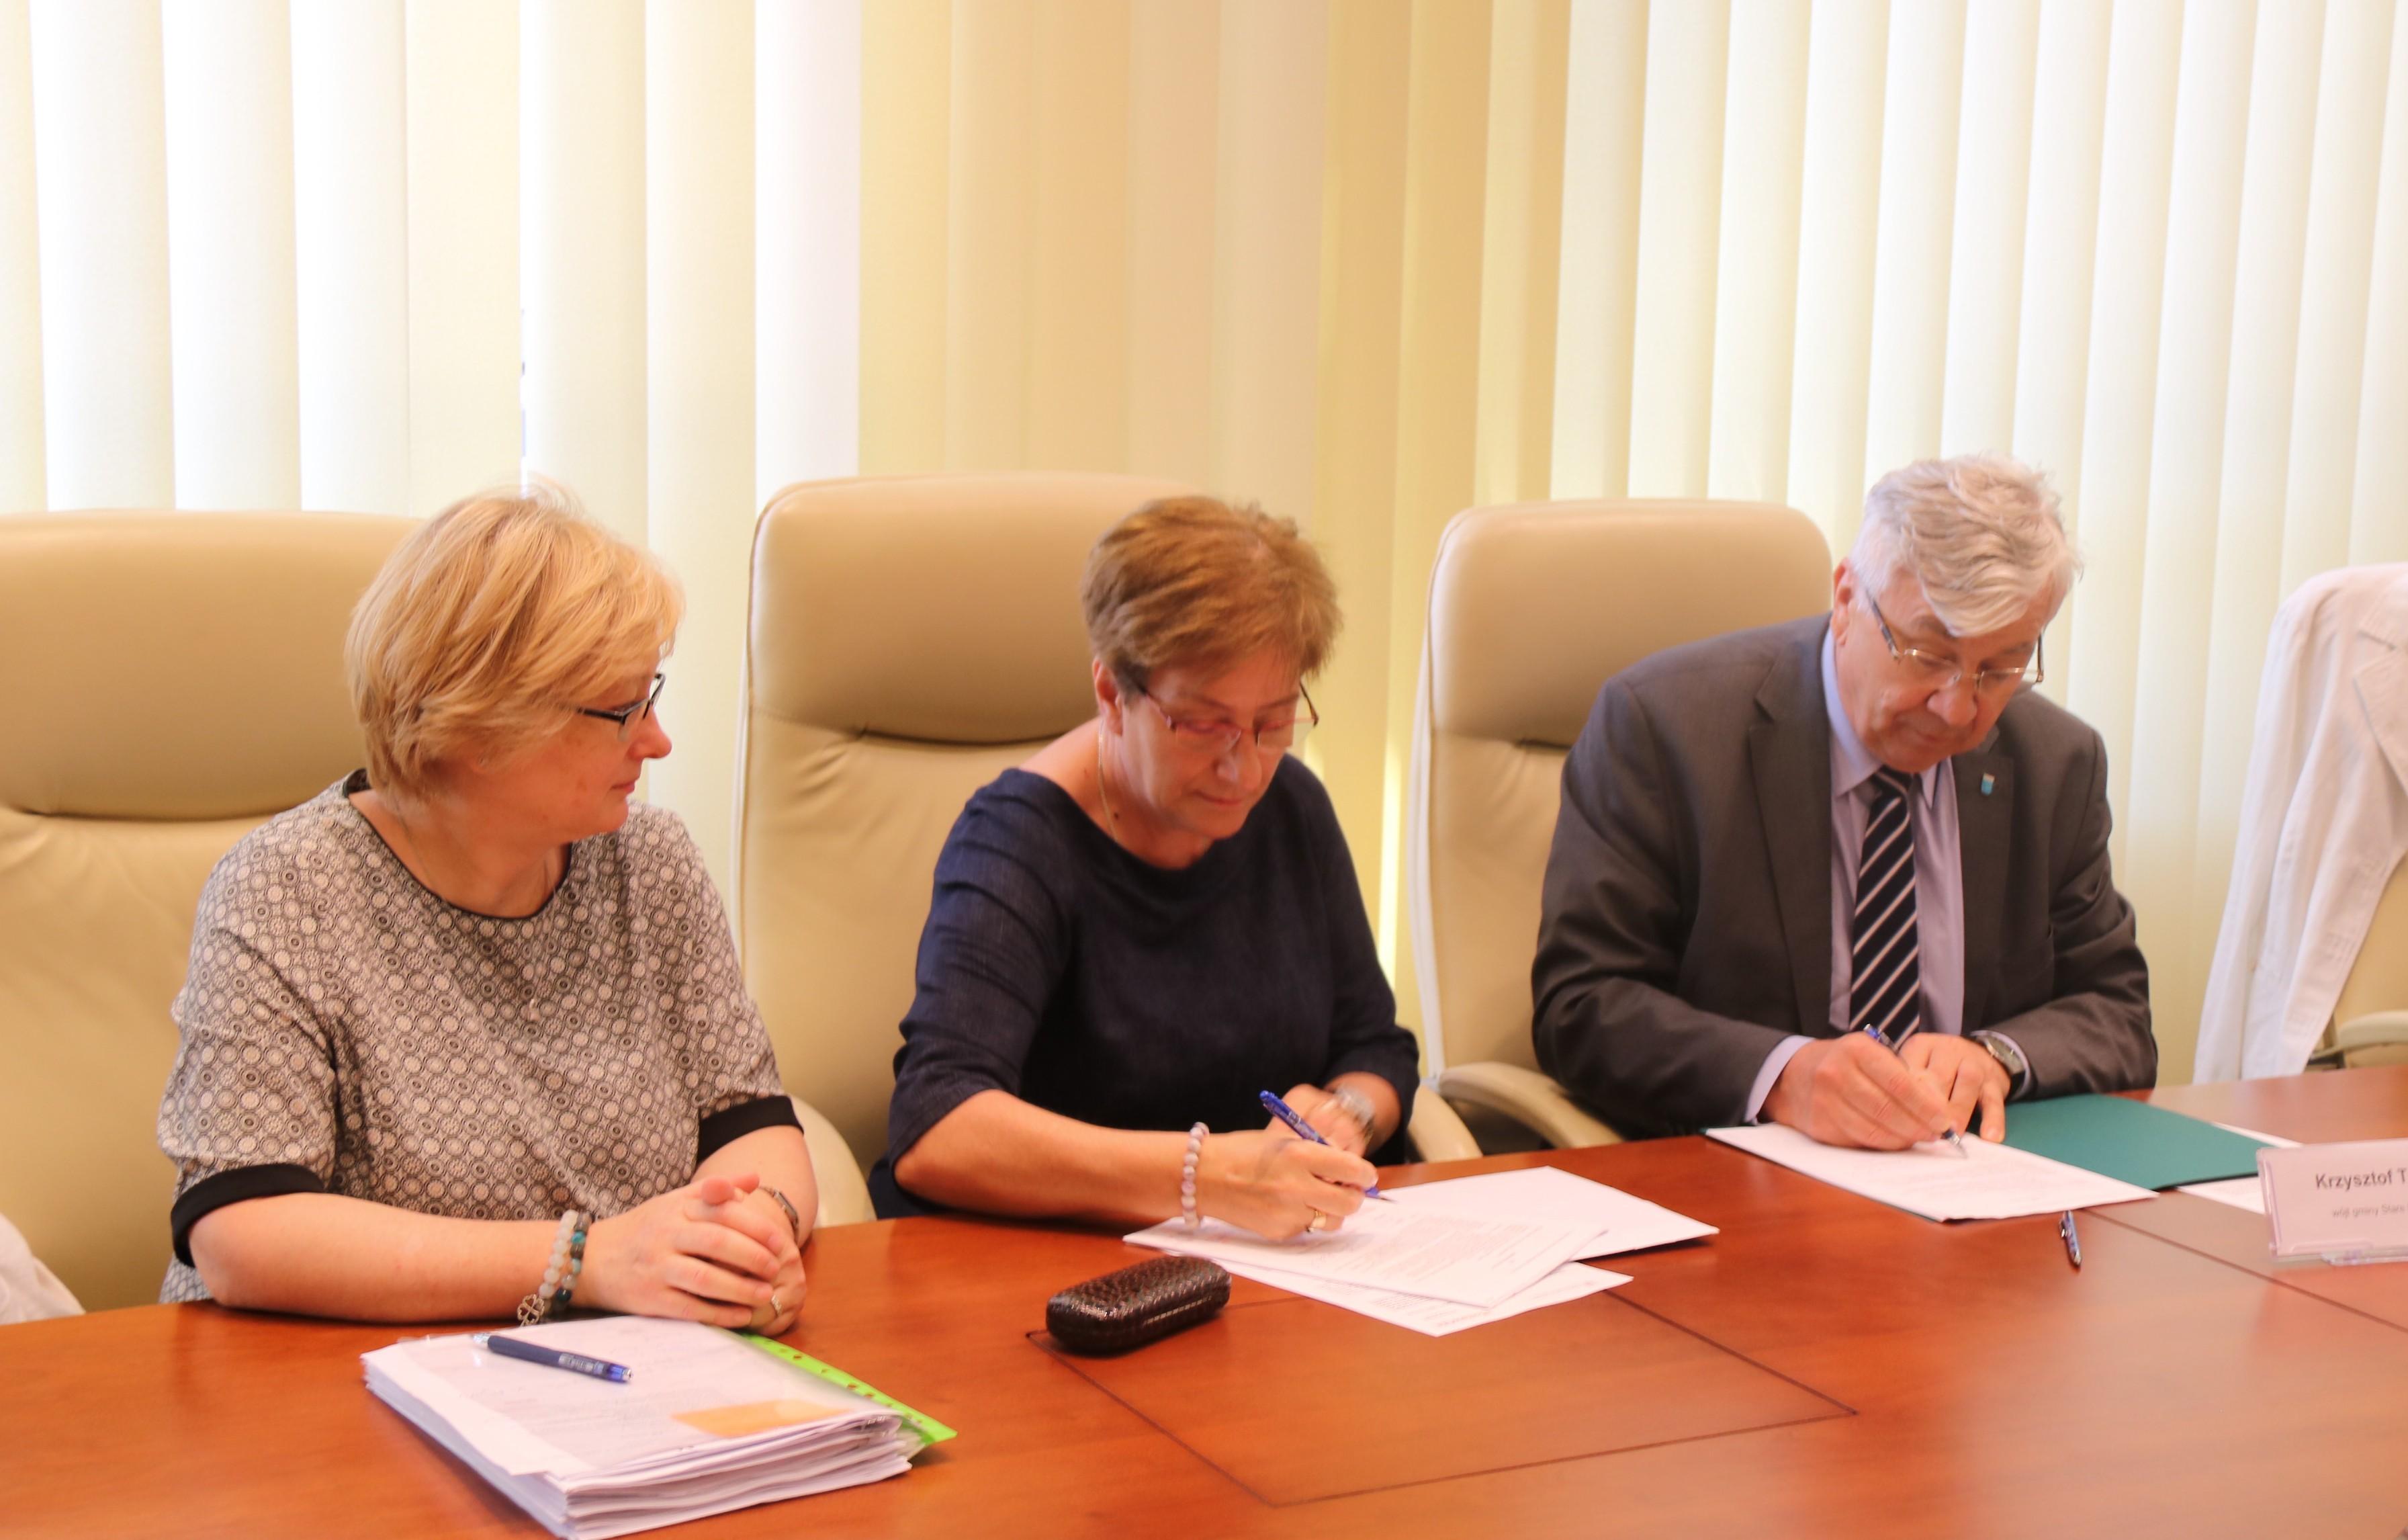 Uroczyste podpisanie trzech umów o dofinansowanie projektów z dz. 4.3 Redukcja emisji zanieczyszczeń powietrza i dz. 5.3 Dziedzictwo kulturowe